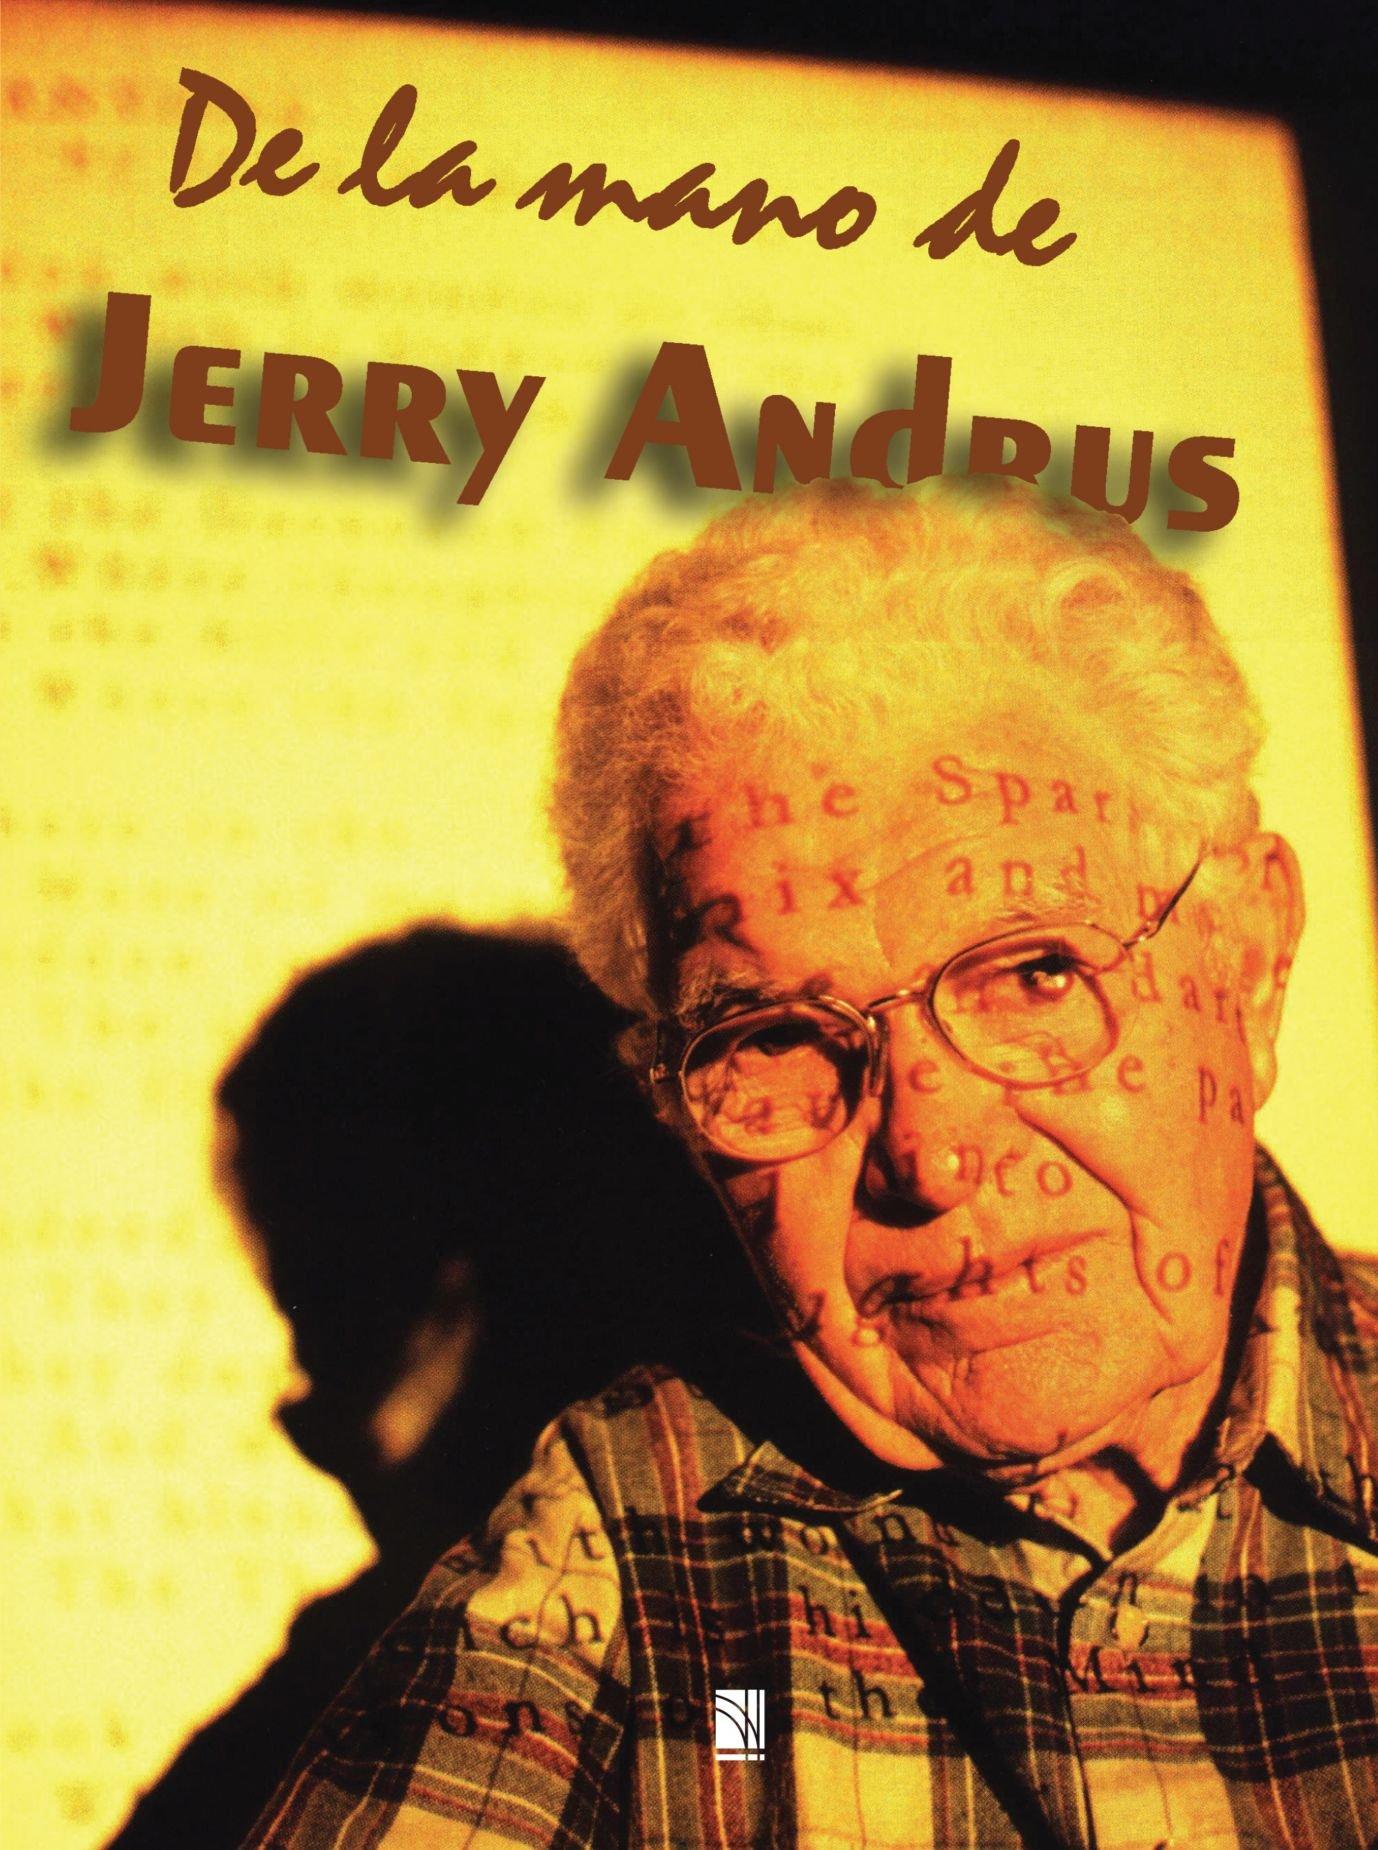 De la mano de jerry andrus (Spanish Edition)